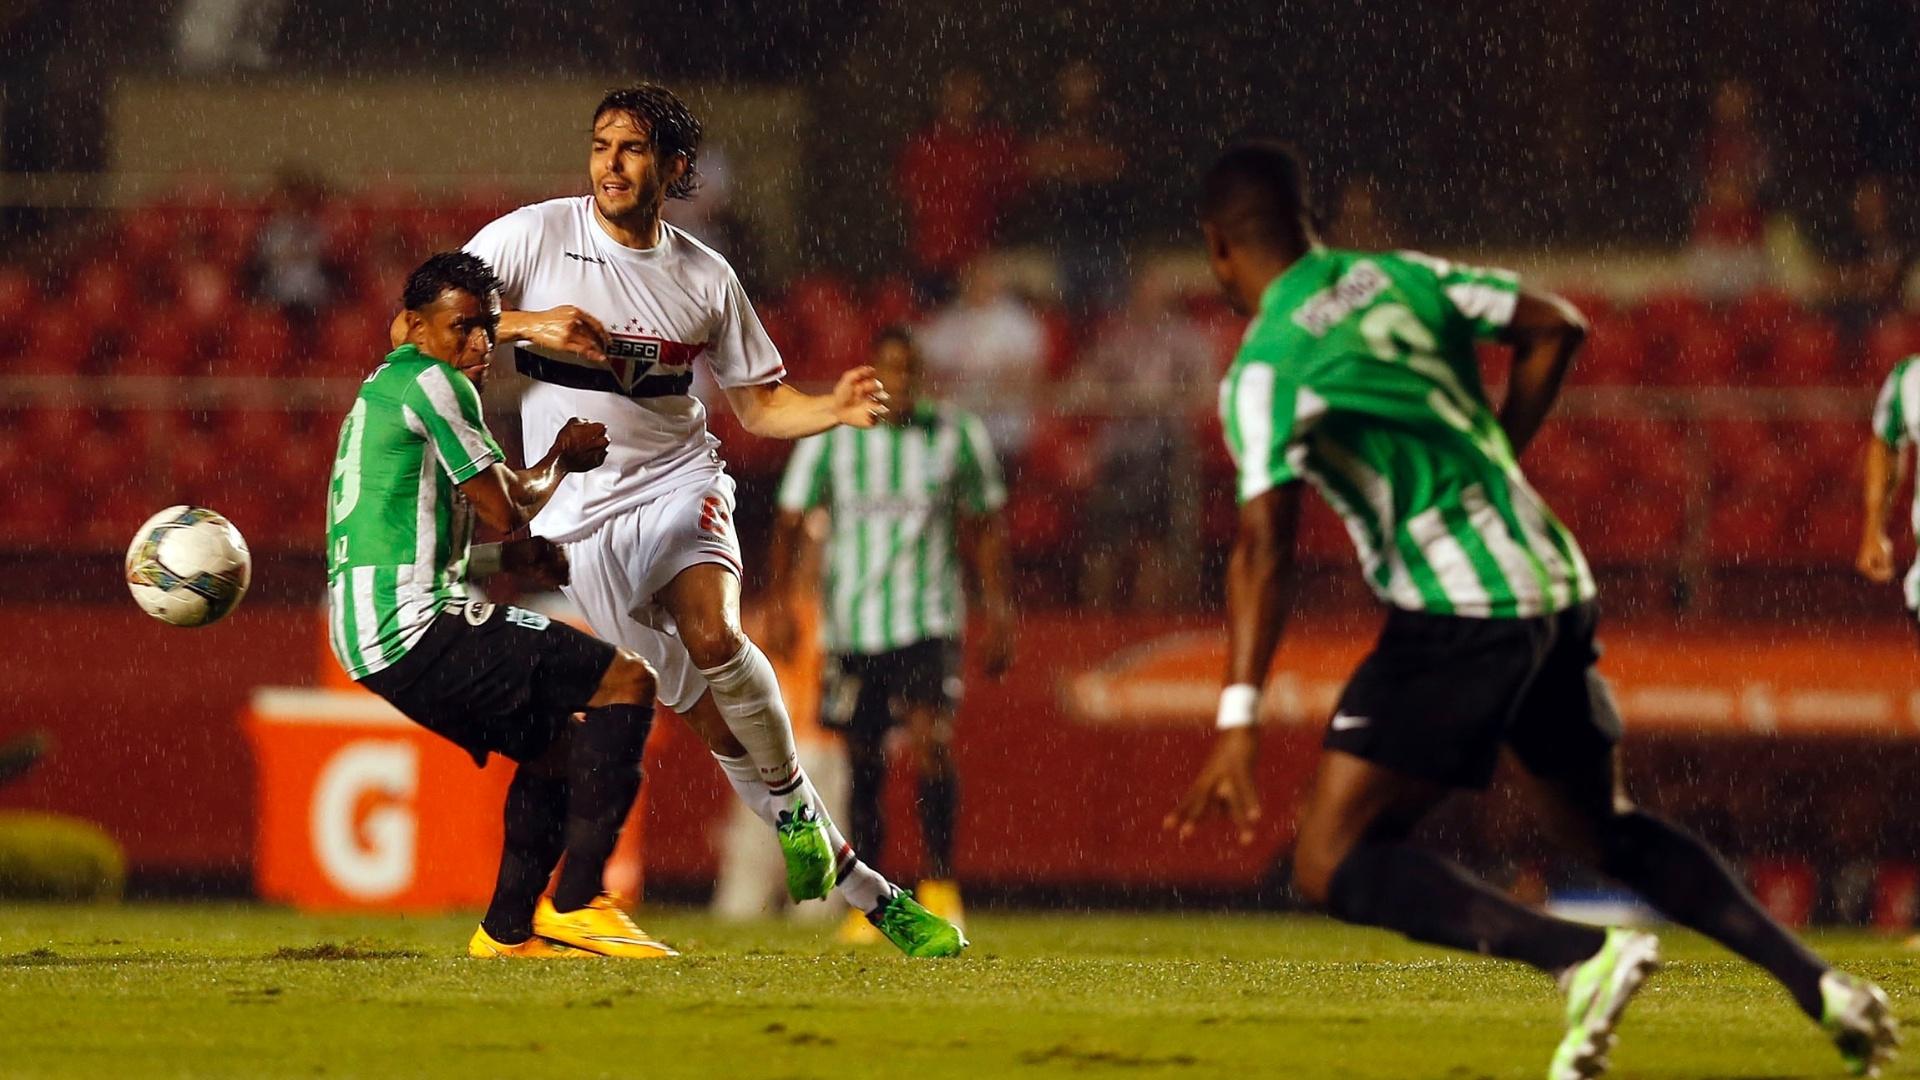 Kaká (branco) tenta se desvencilhar da marcação do Atlético Nacional no jogo do São Paulo na Sul-Americana